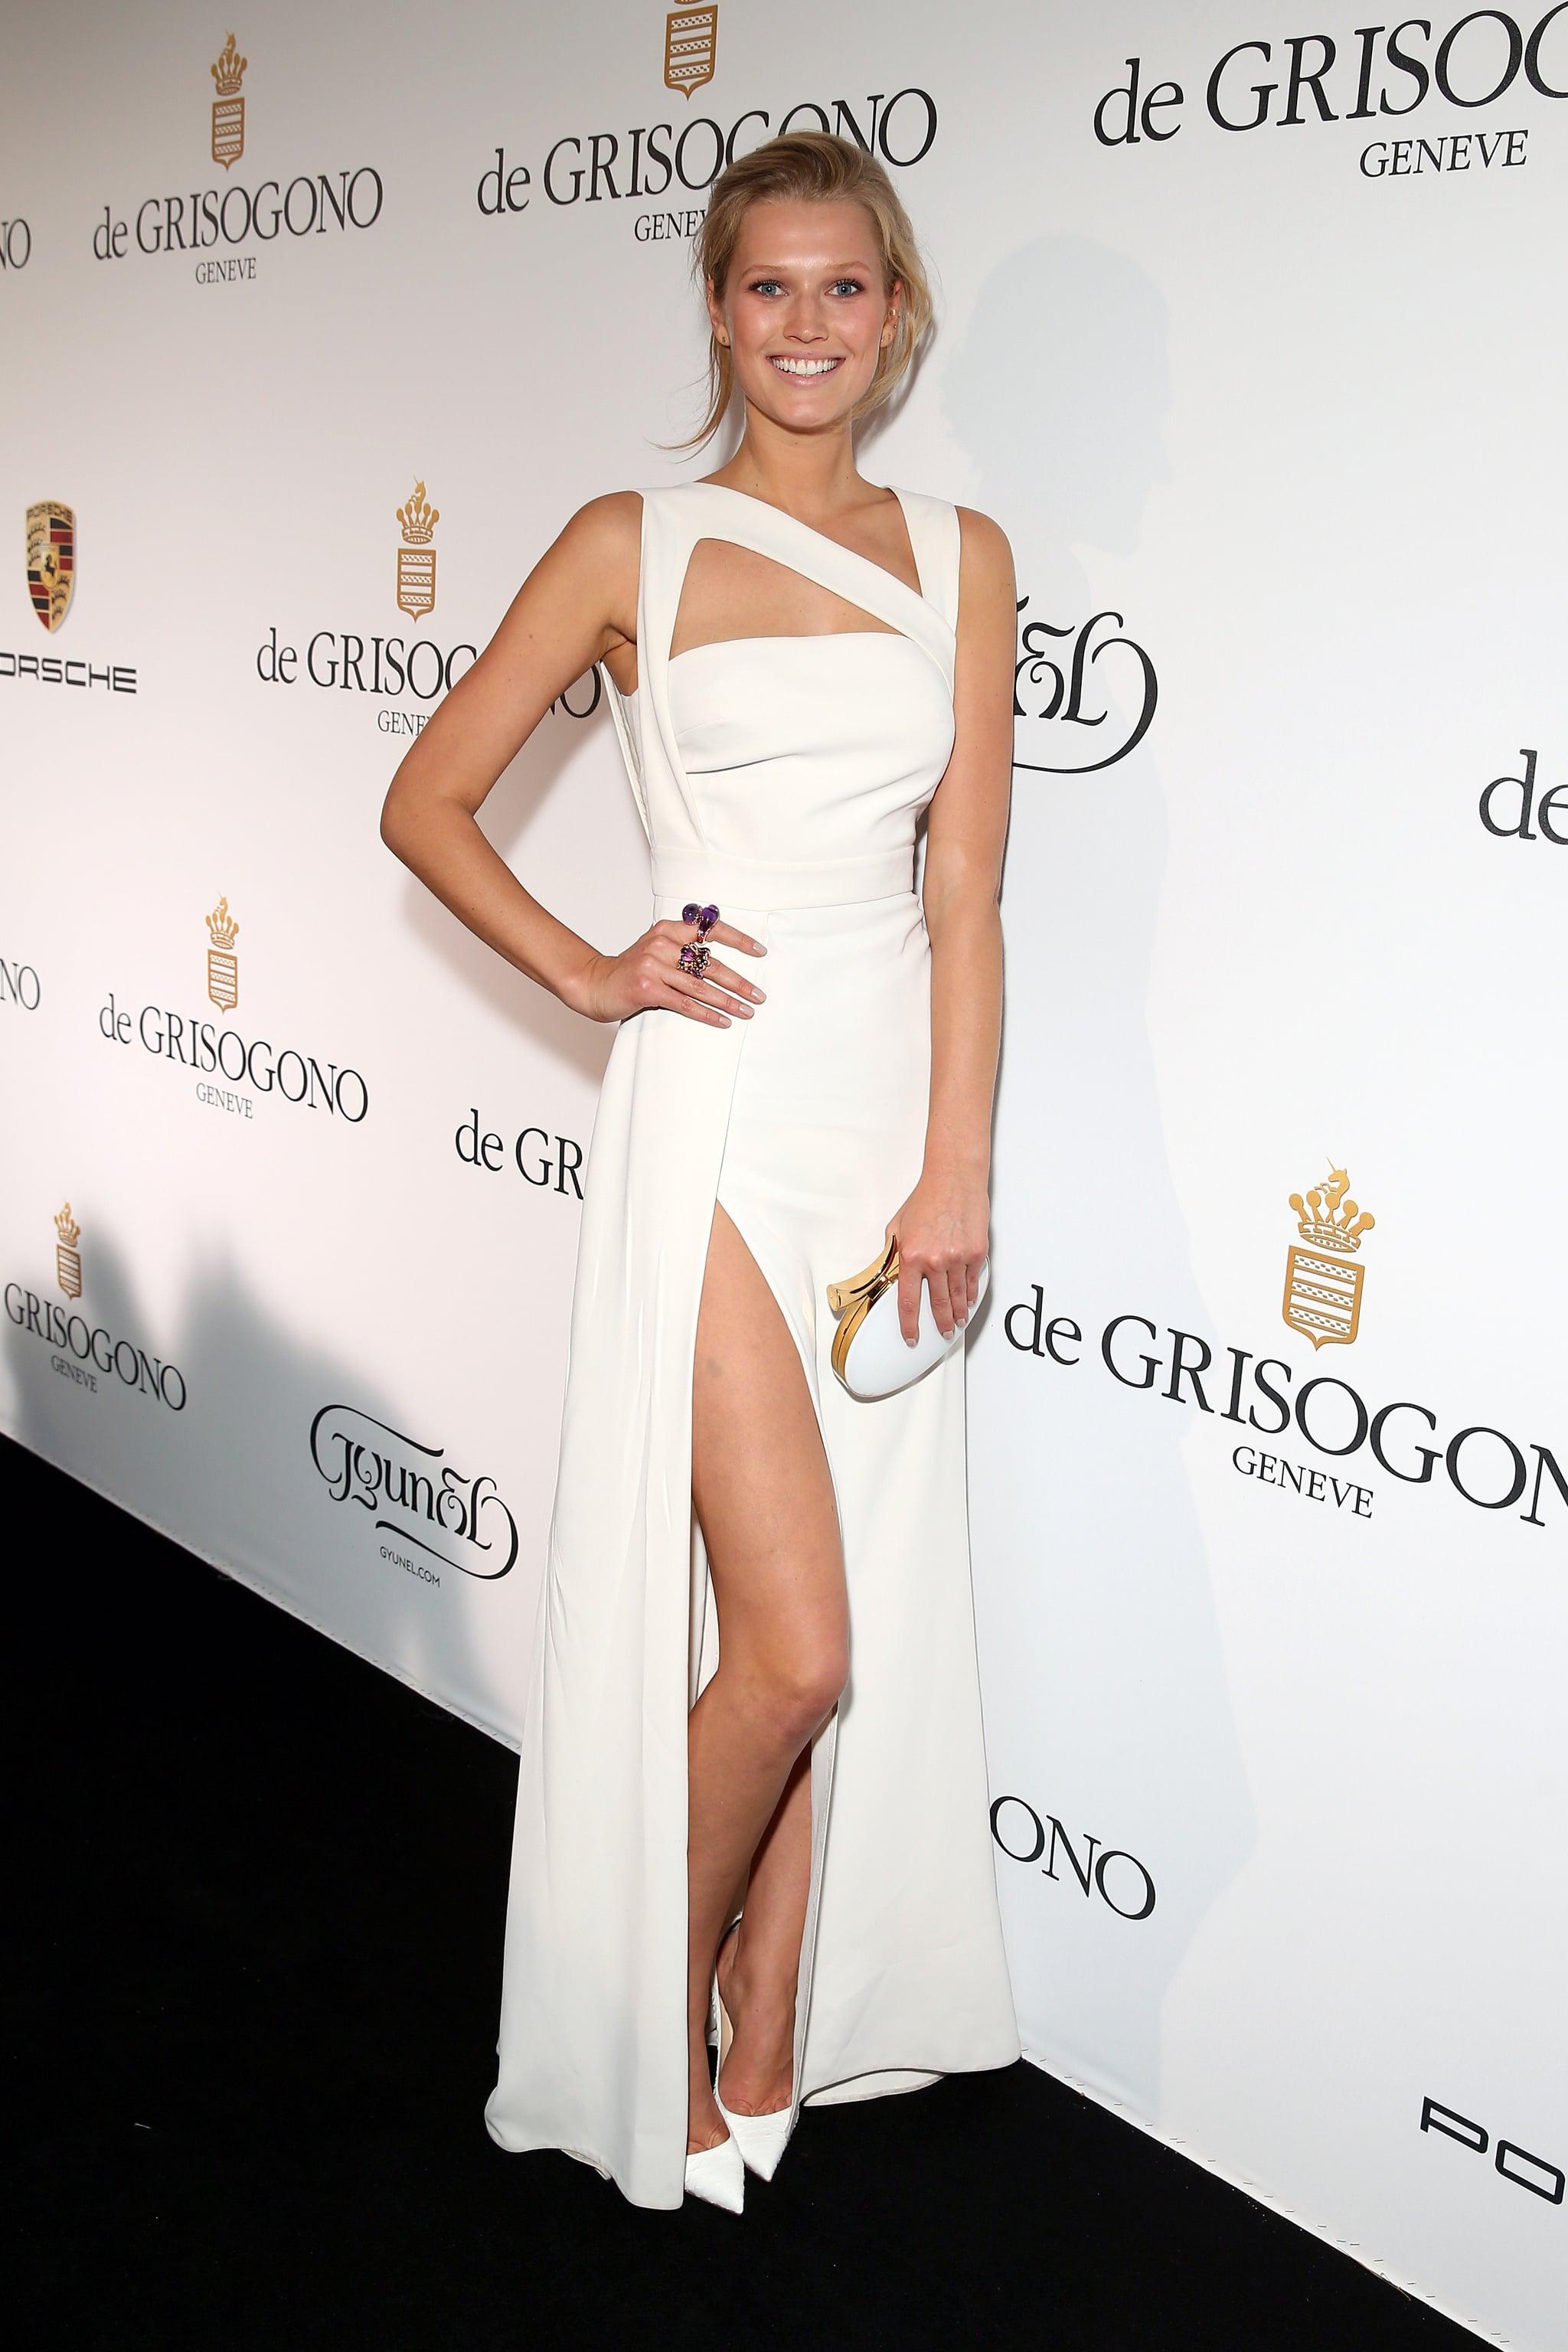 Toni rocked a white dress.